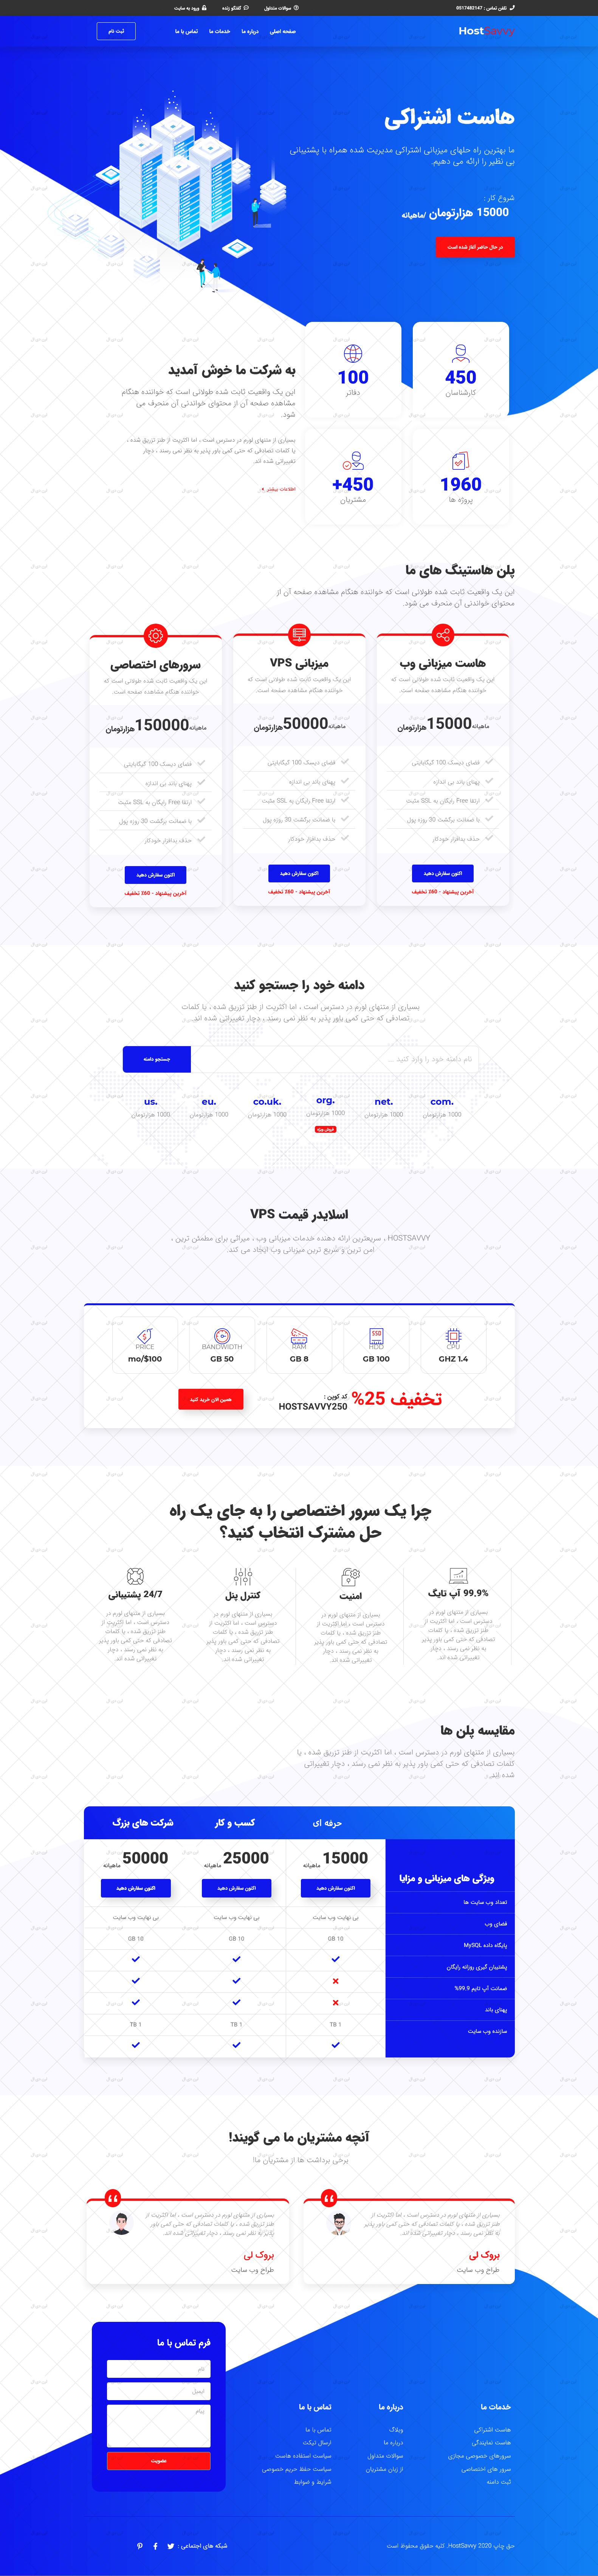 الگو فارسی المنتور برای سایت های میزبانی وب (هاستینگ)